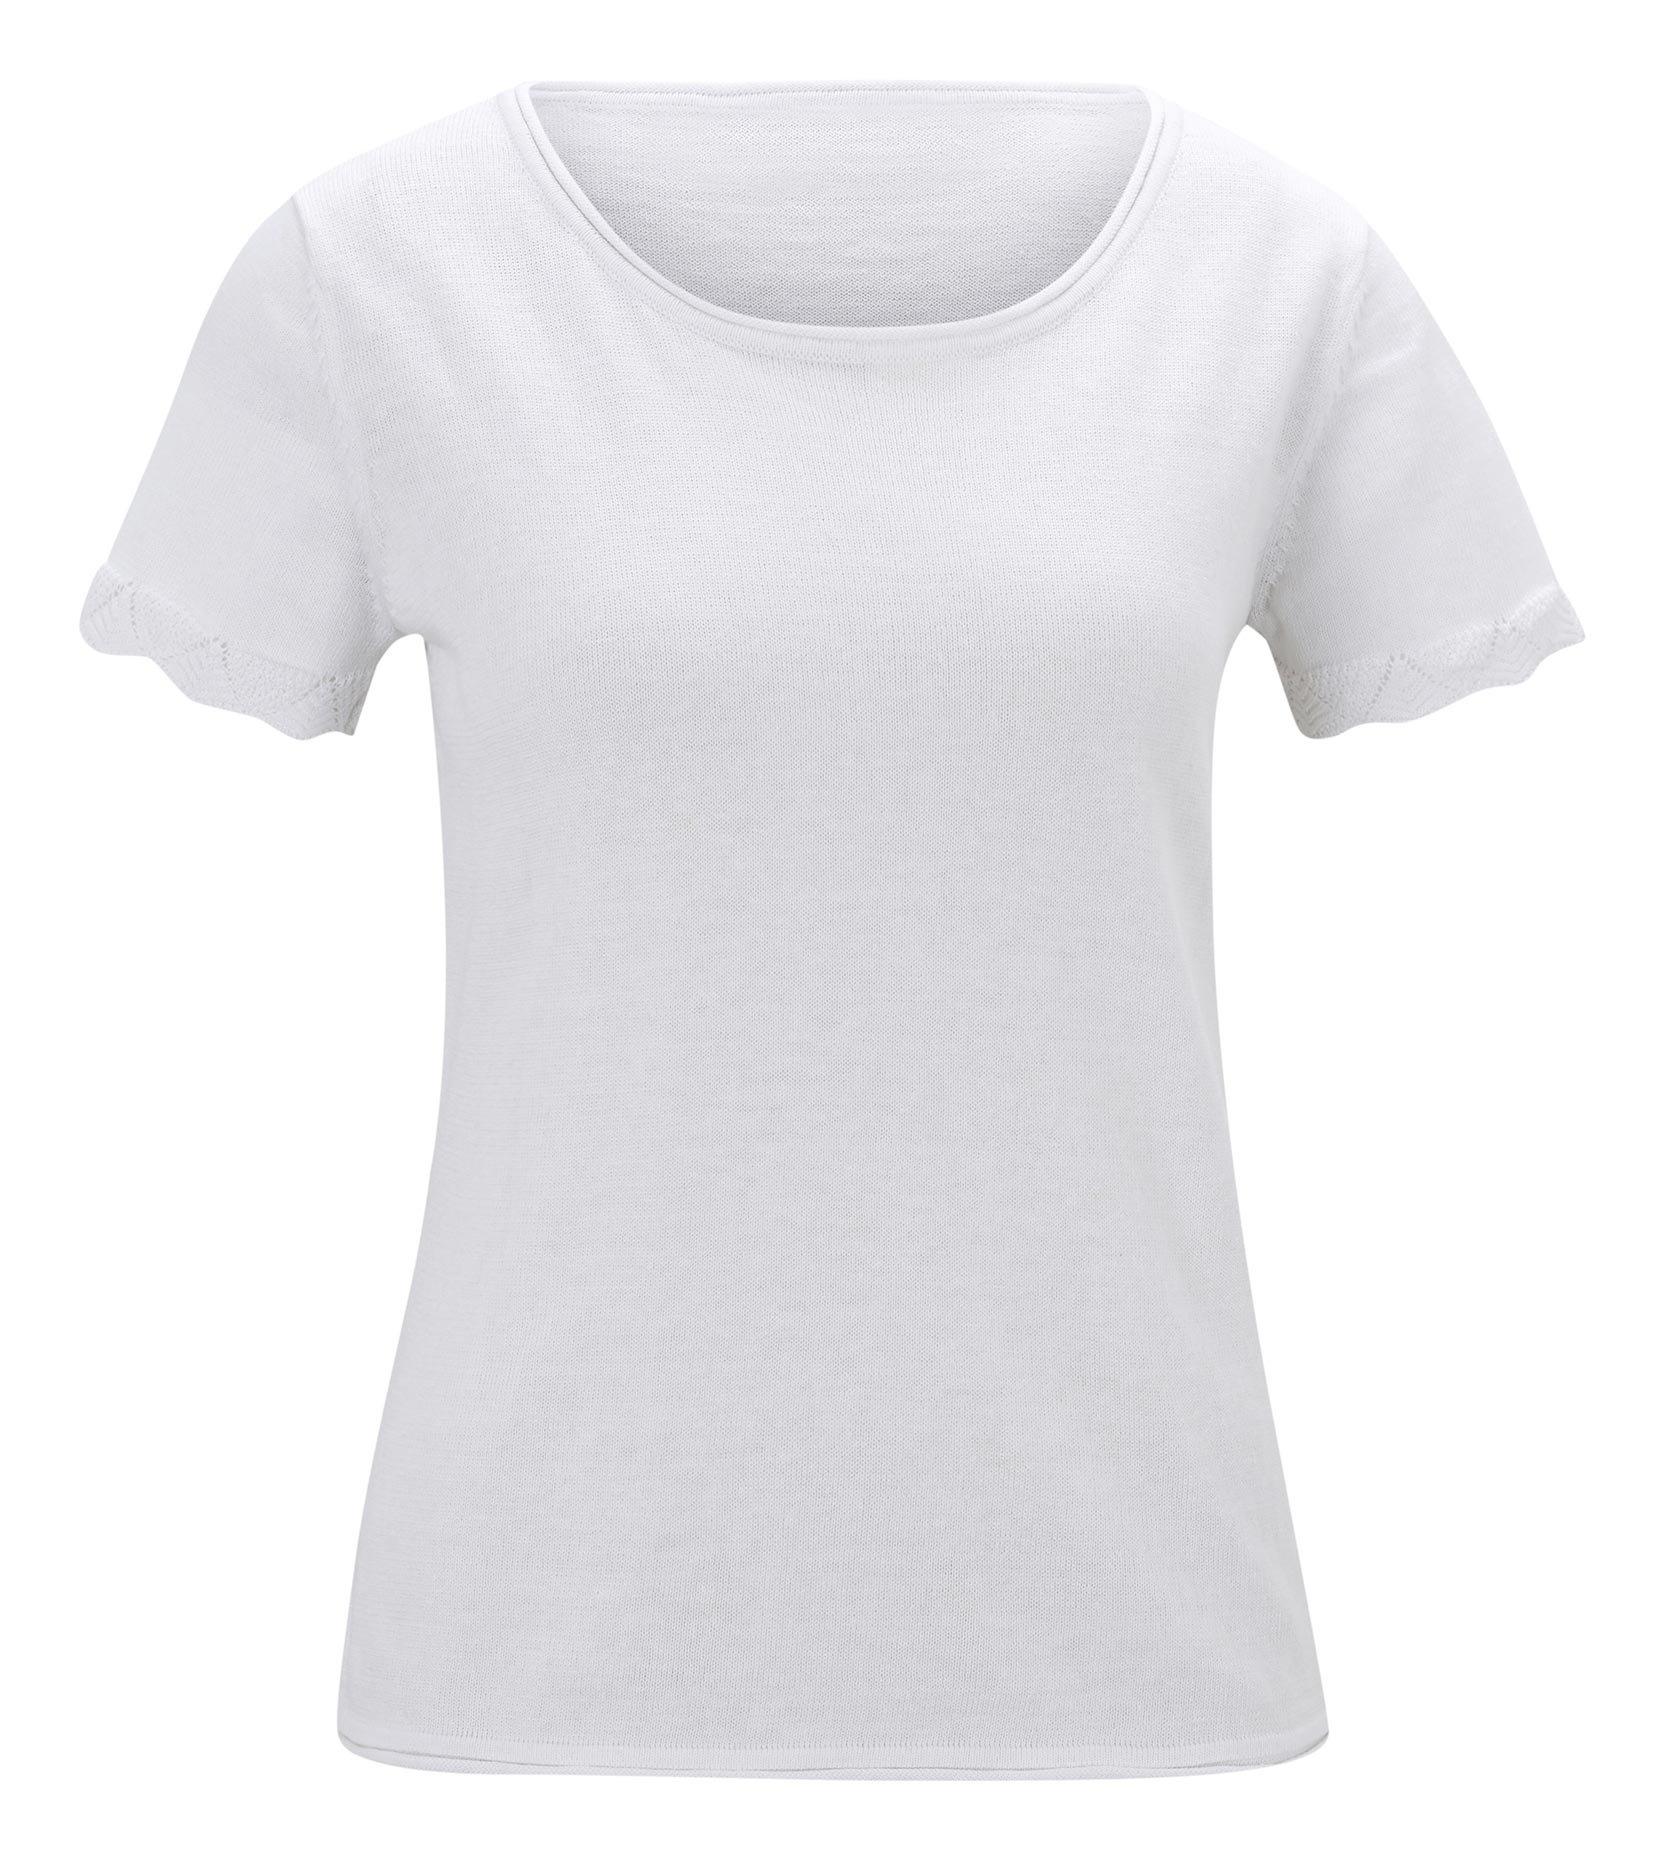 ASHLEY BROOKE by Heine trui met korte mouwen Trui bestellen: 30 dagen bedenktijd